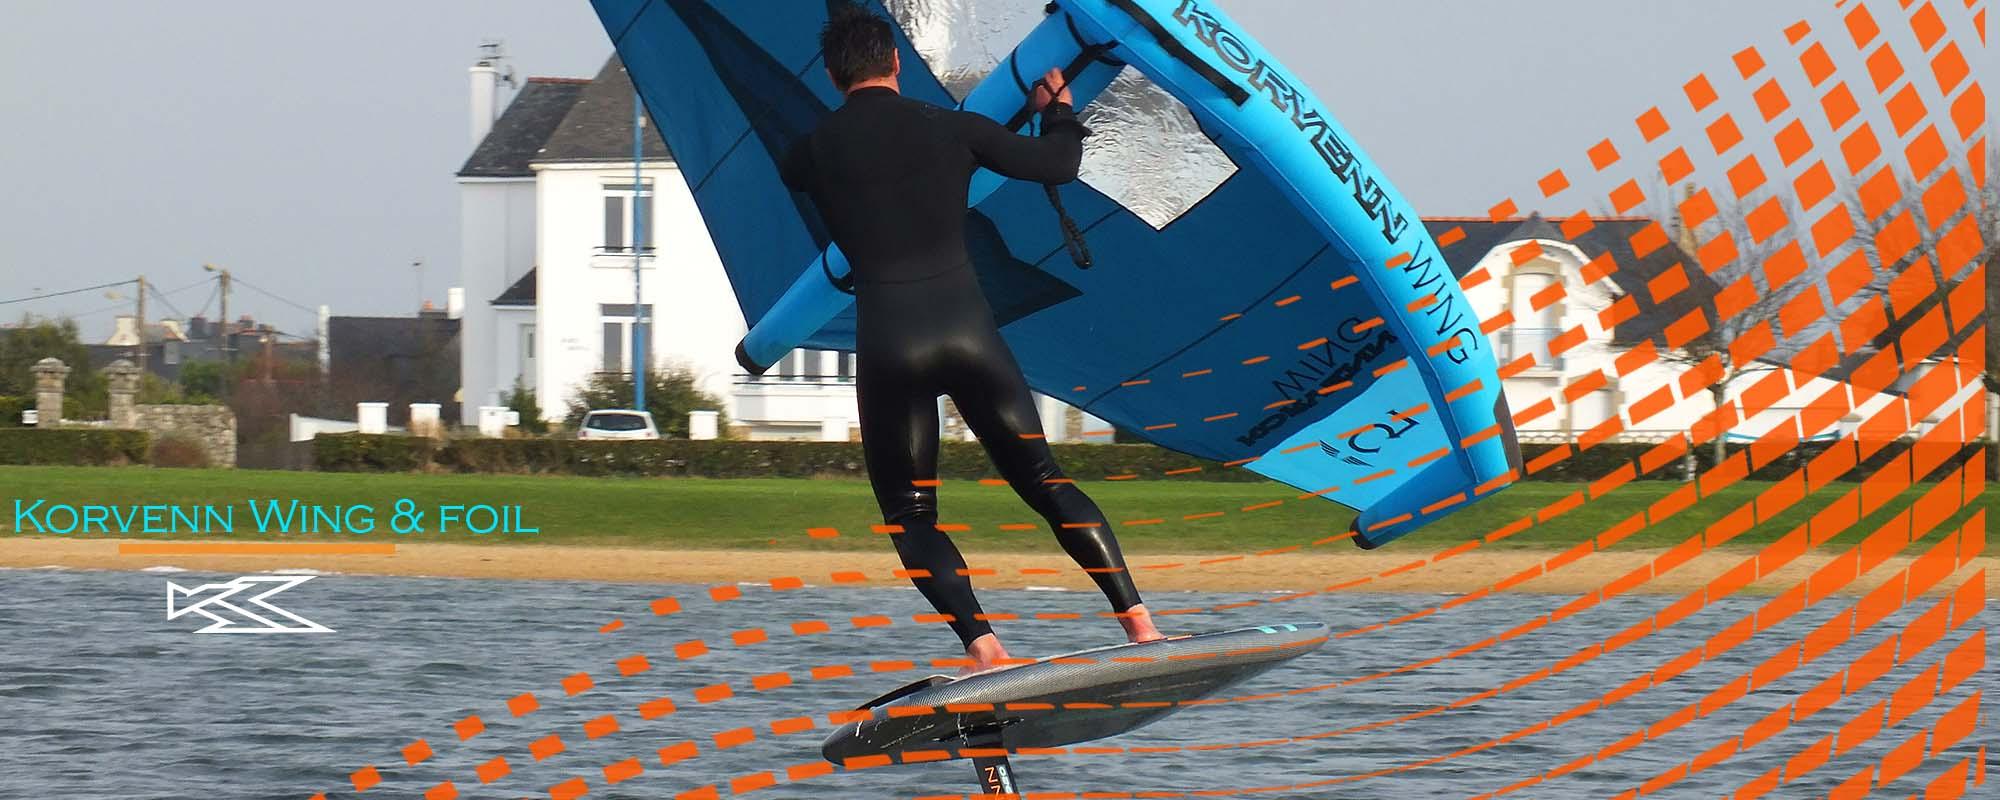 Korvenn wing surf & foil